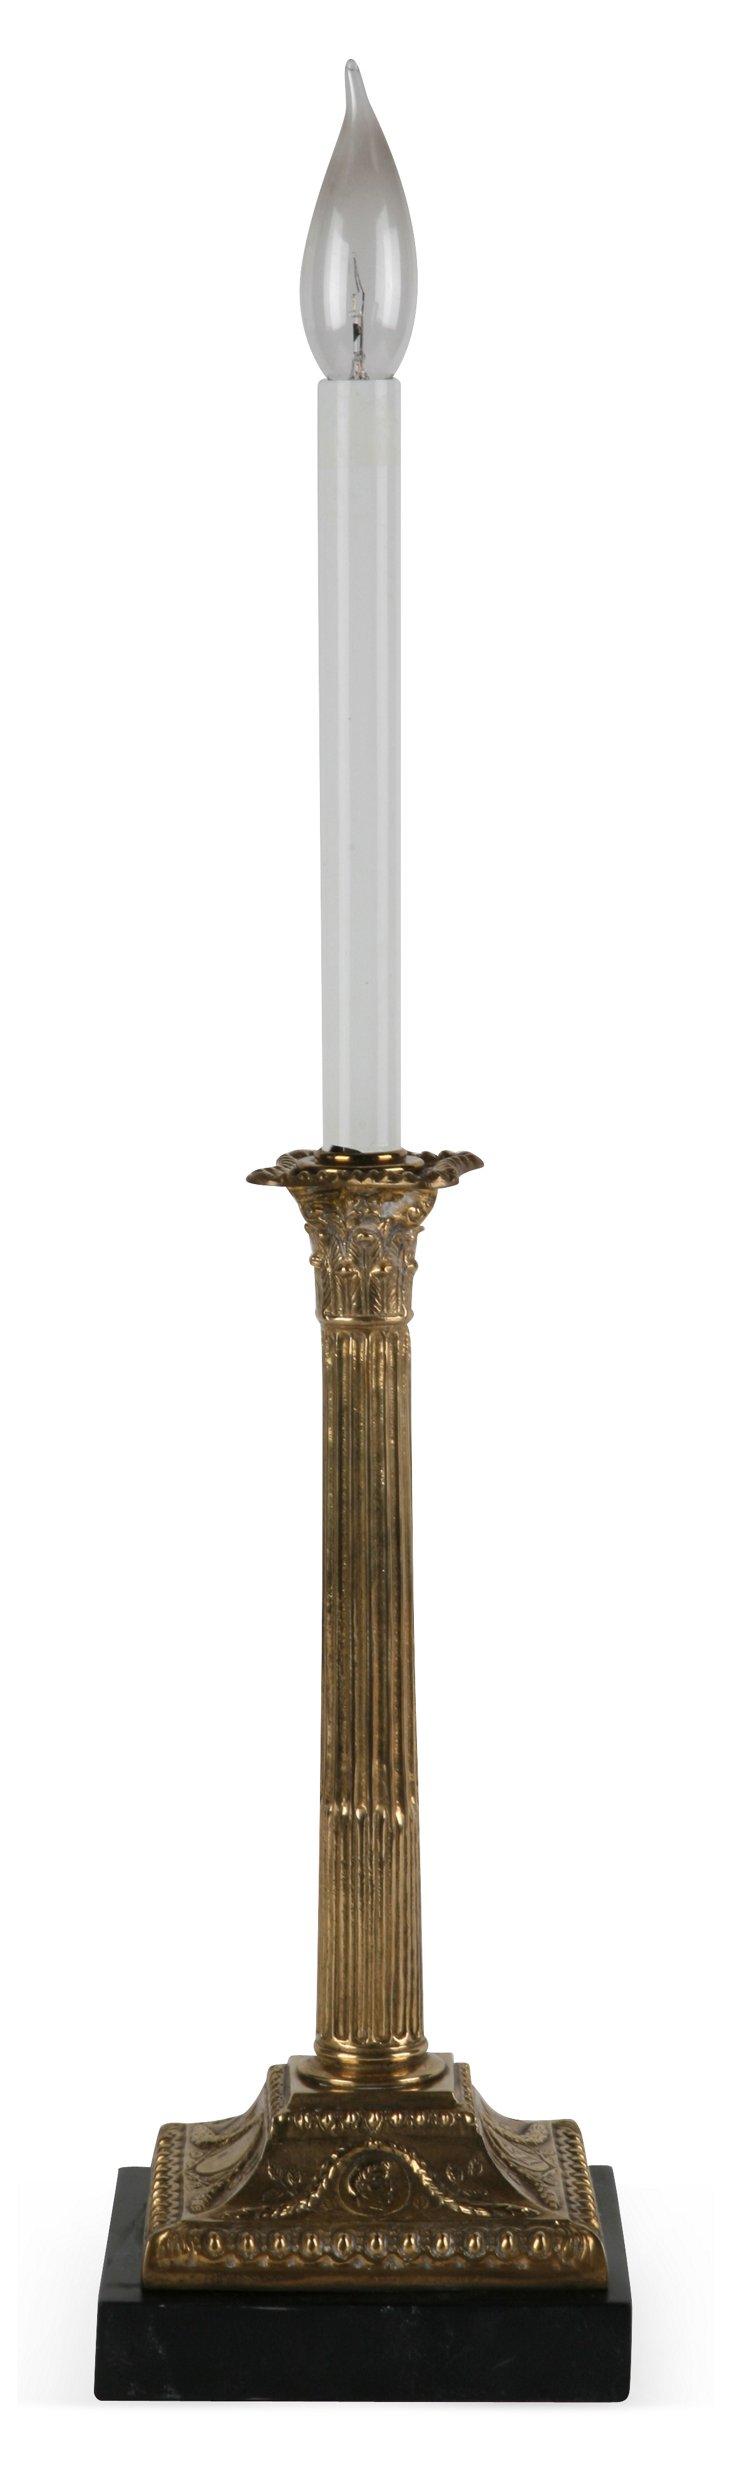 Brass & Oak Lamp